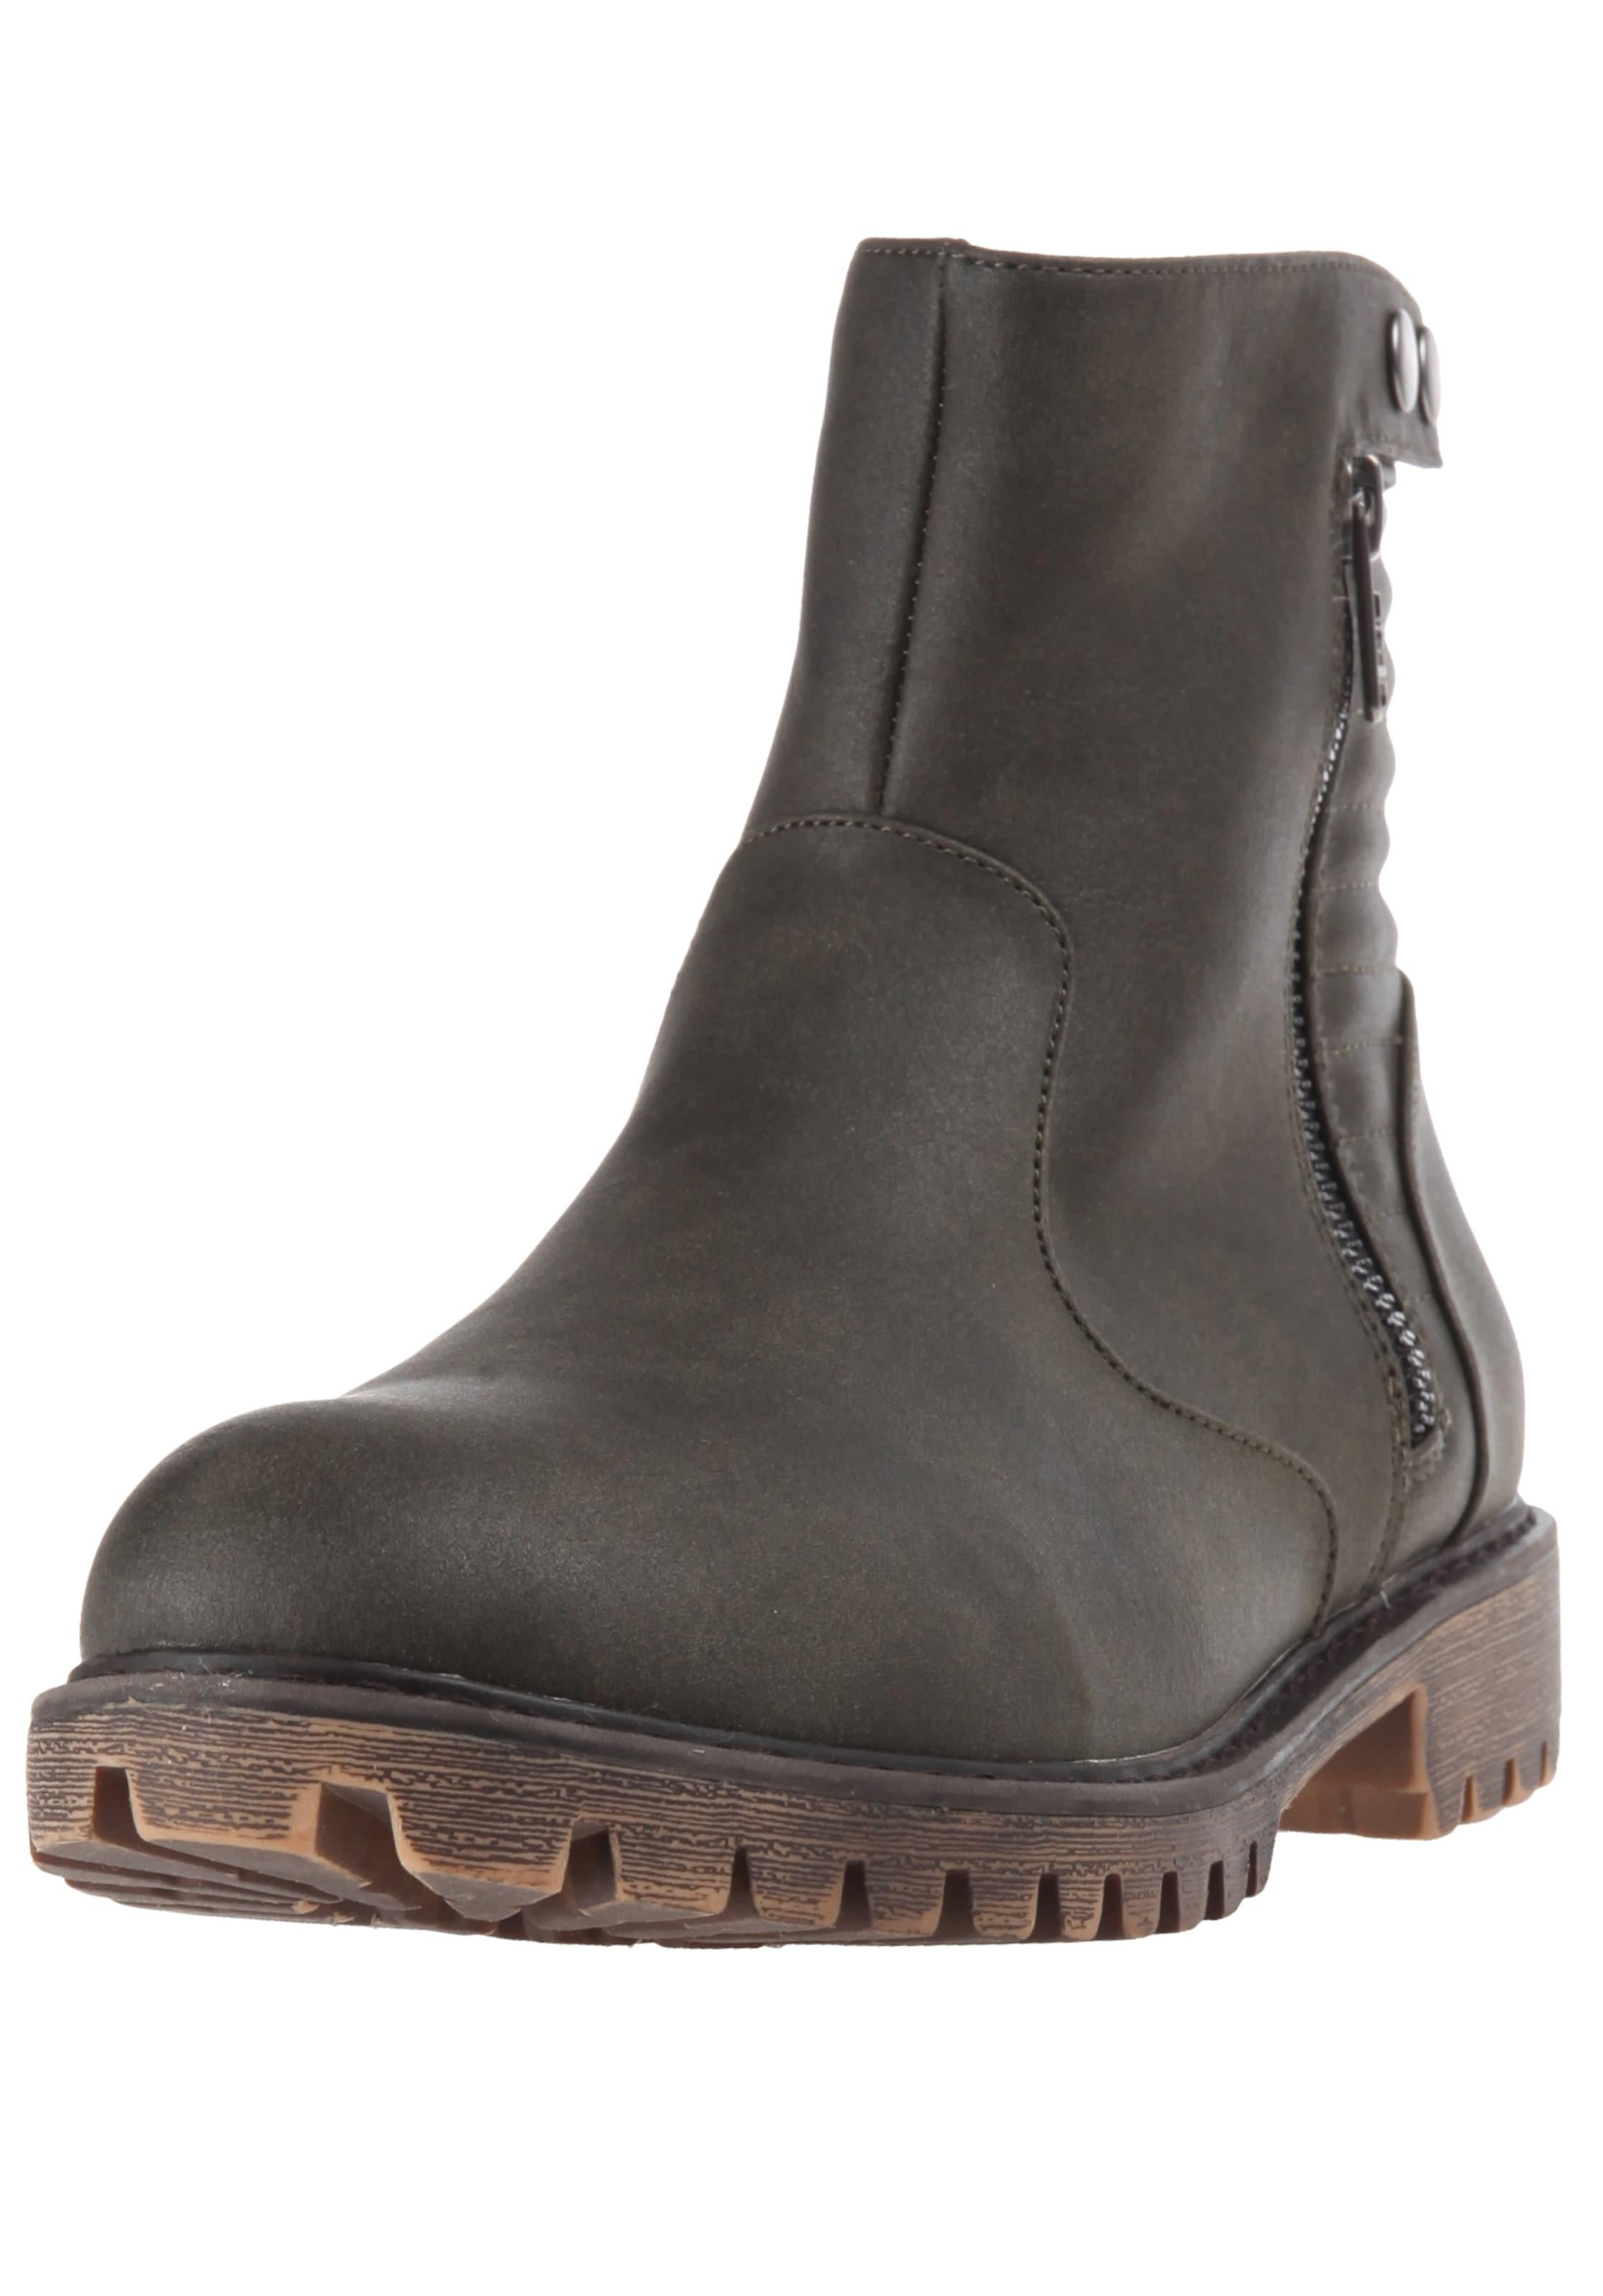 ROXY Stiefel 'Margo Kunststoff, Kunststoff, Kunststoff, Metall Wilde Freizeitschuhe 227c28